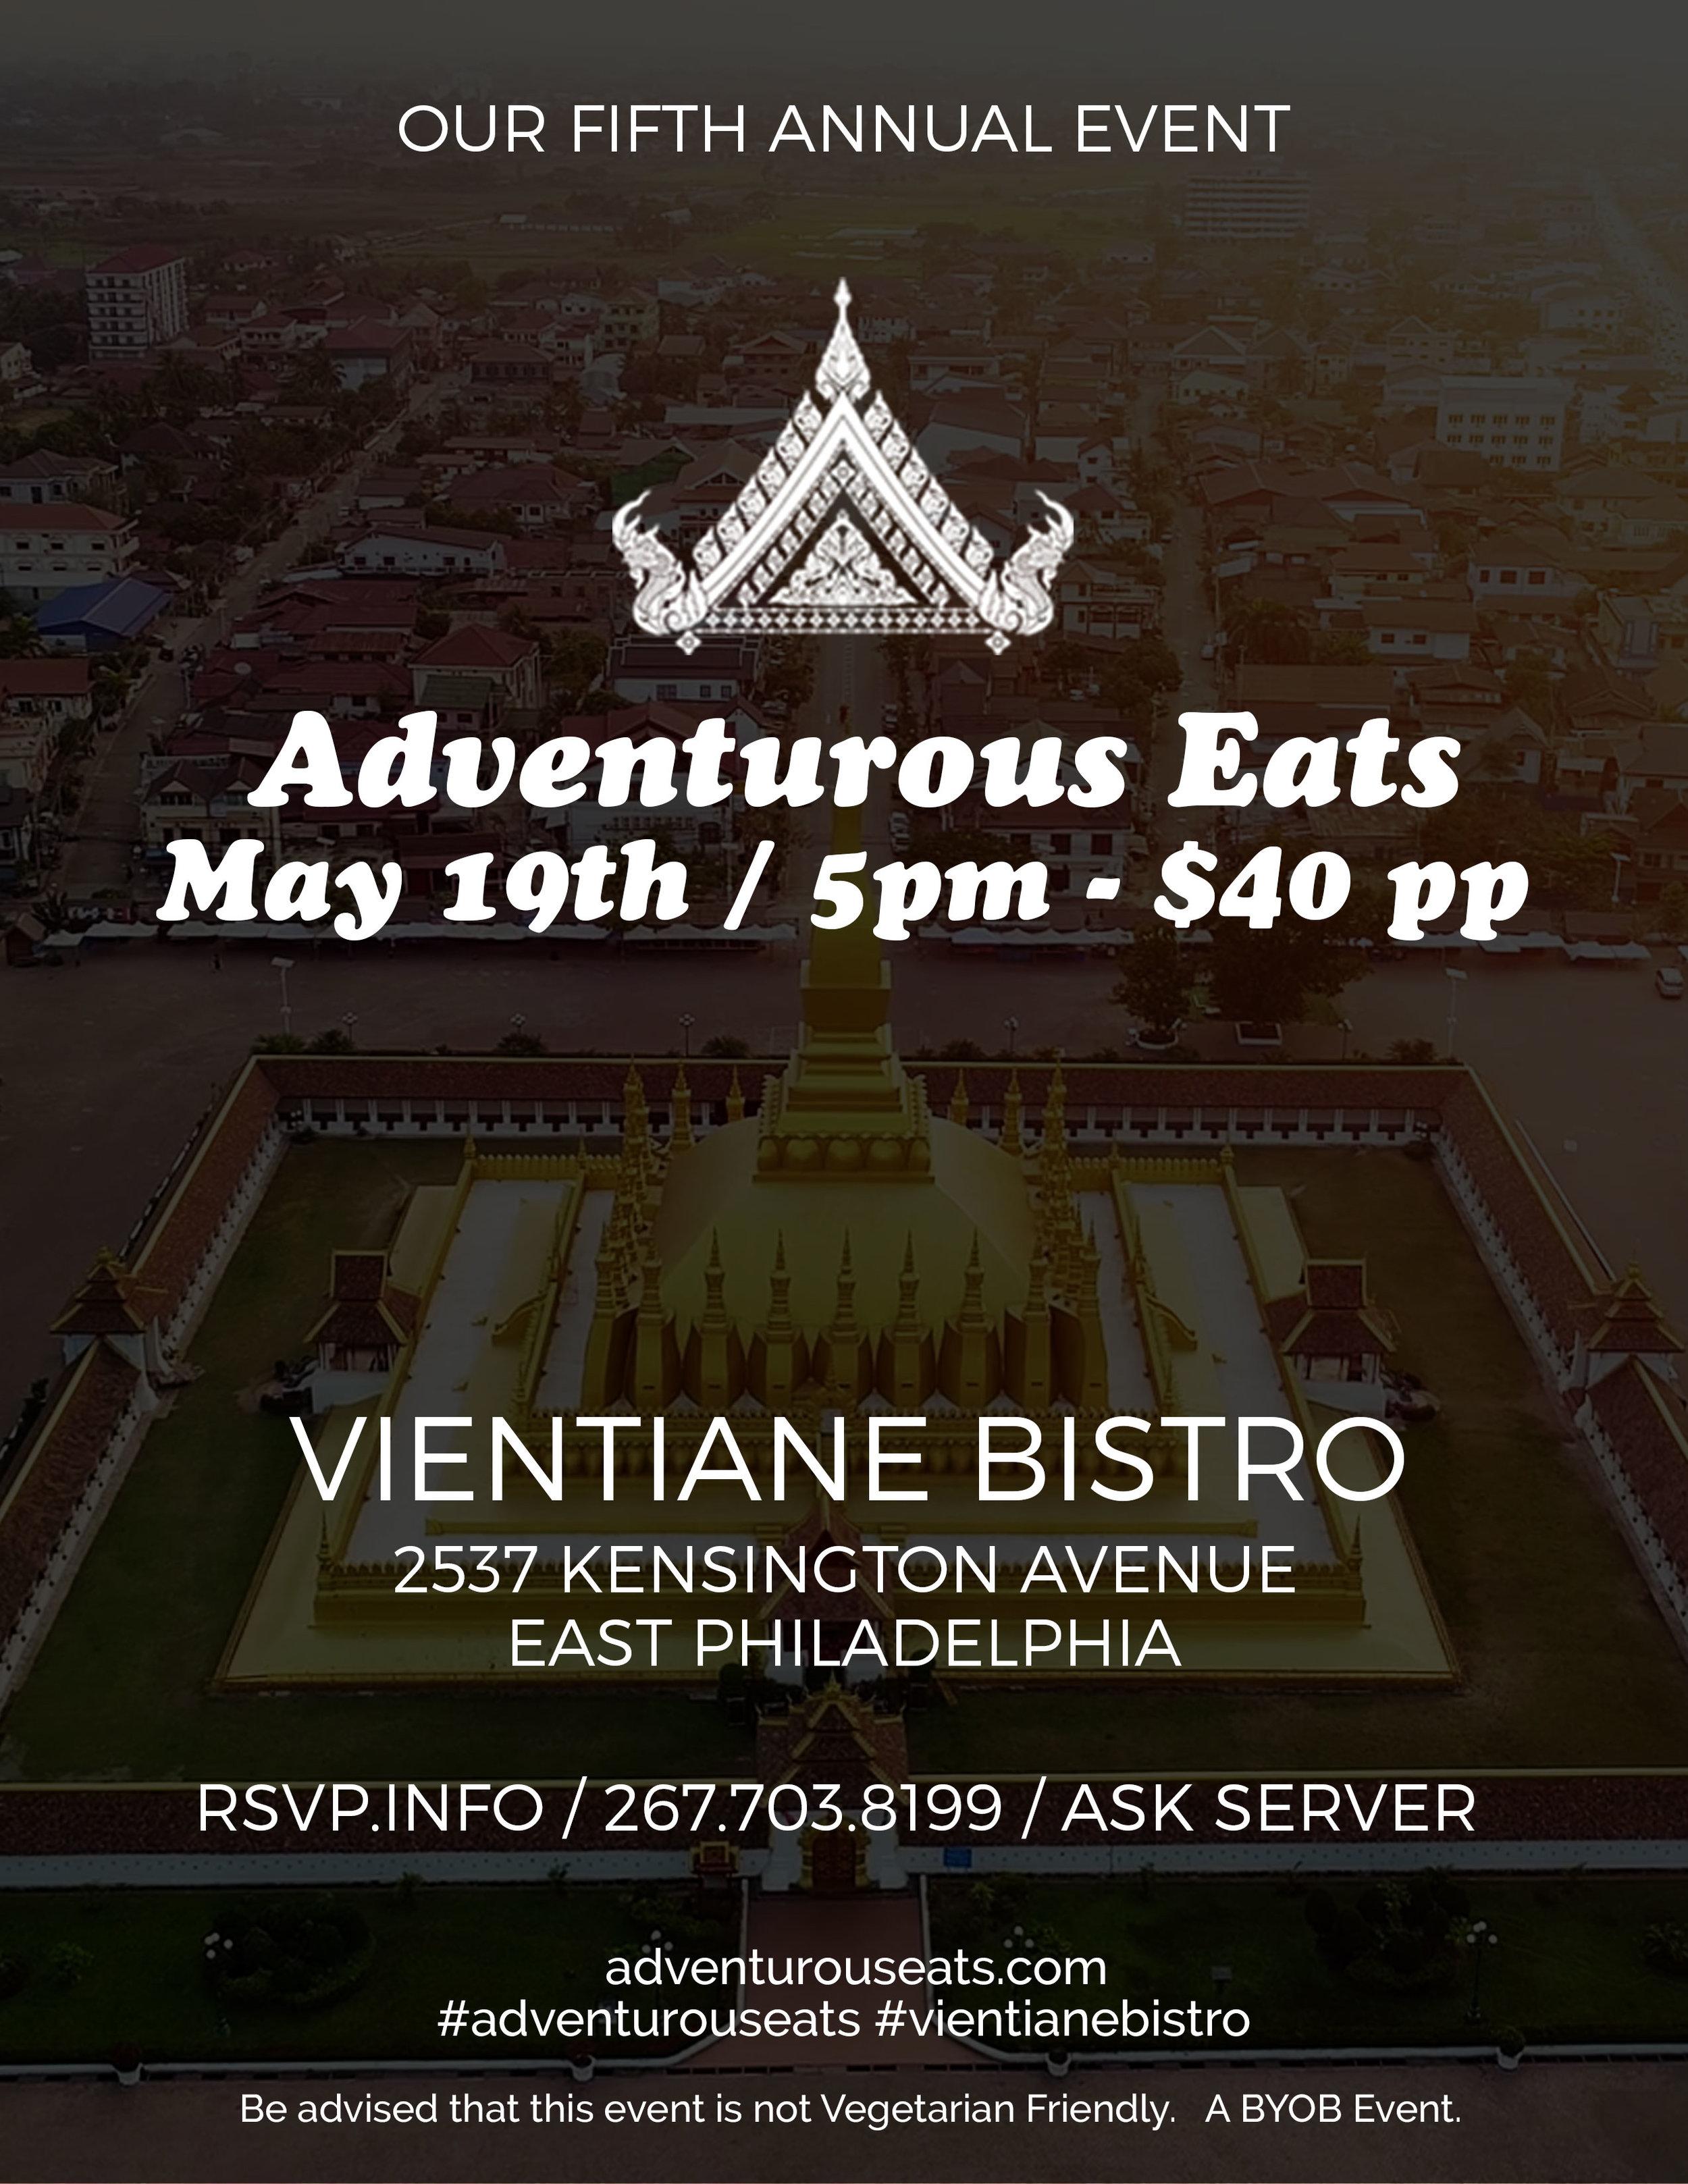 adventurous_2019_hires.jpg